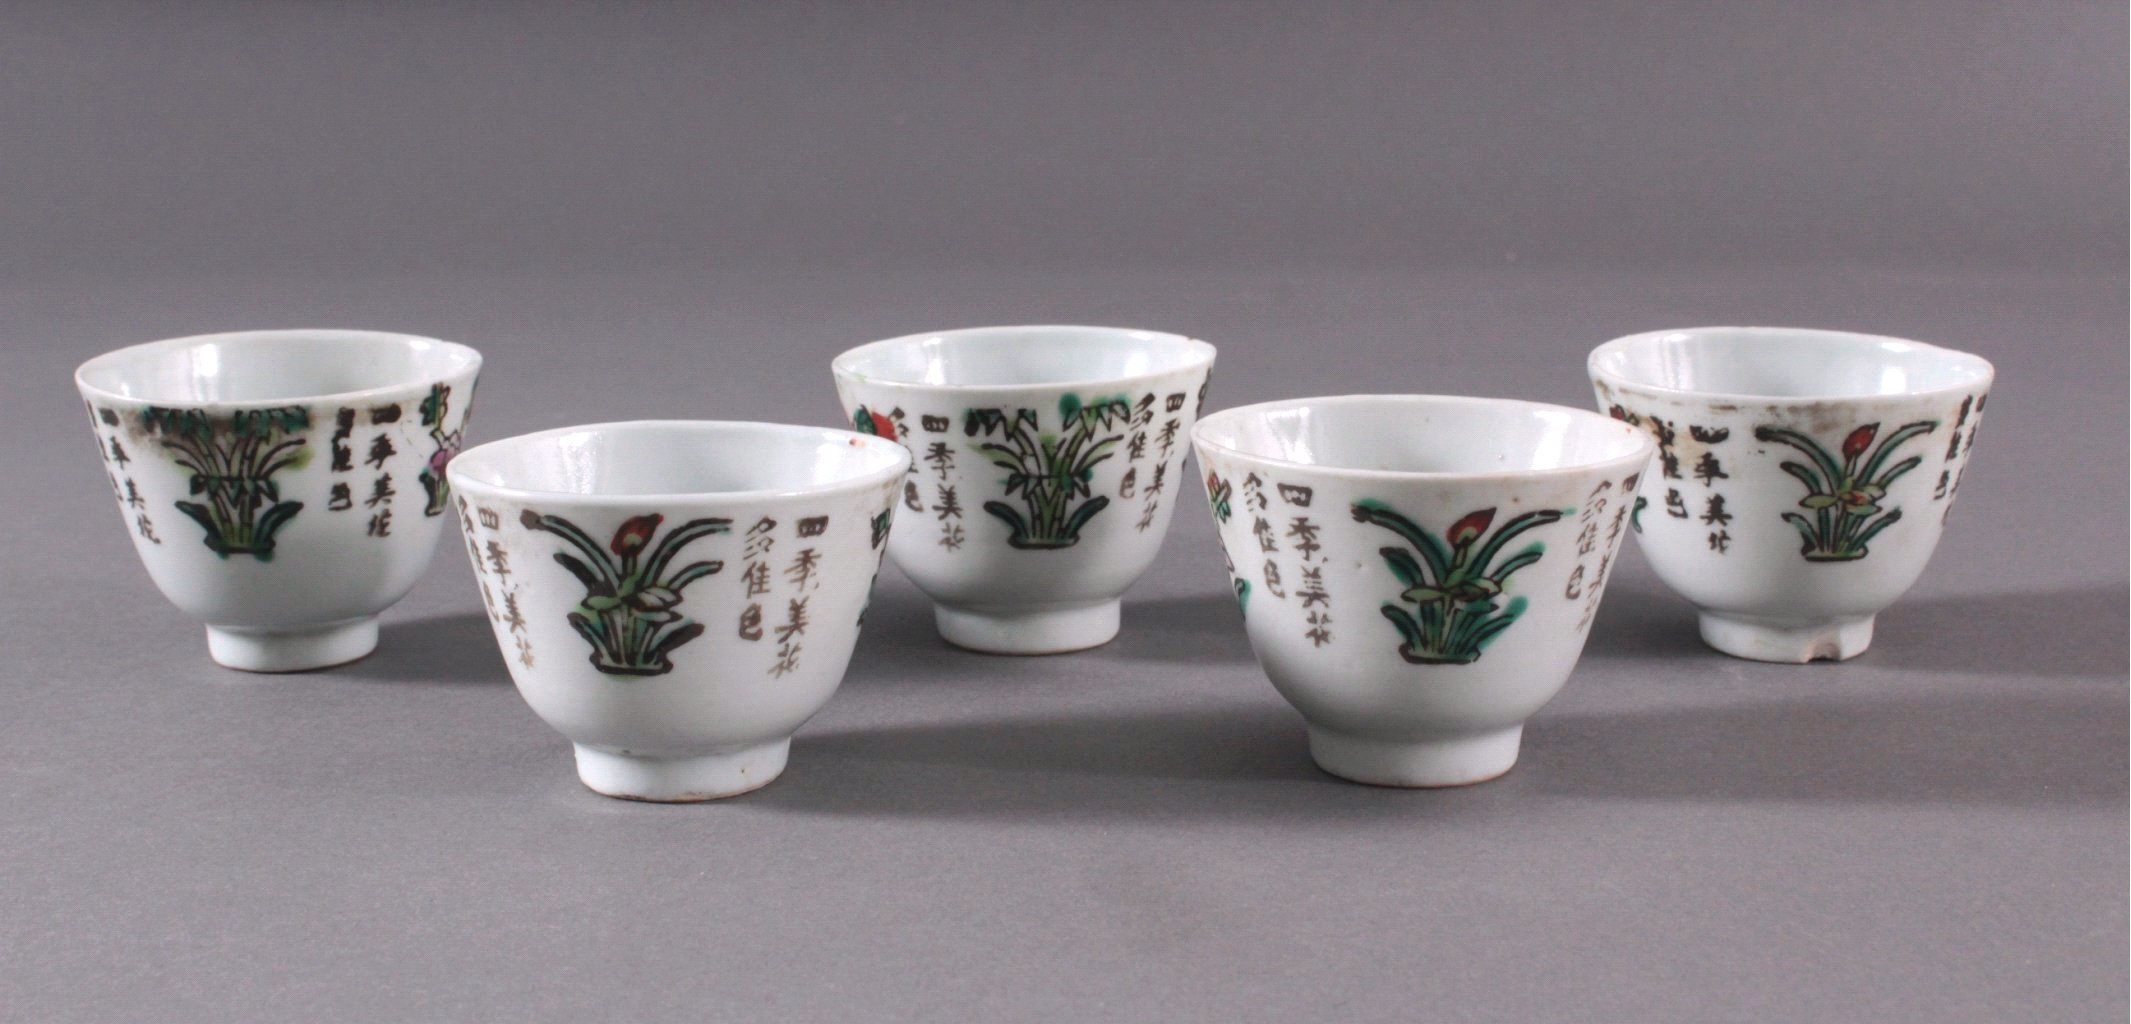 5 Sake Schalen um 1900-1